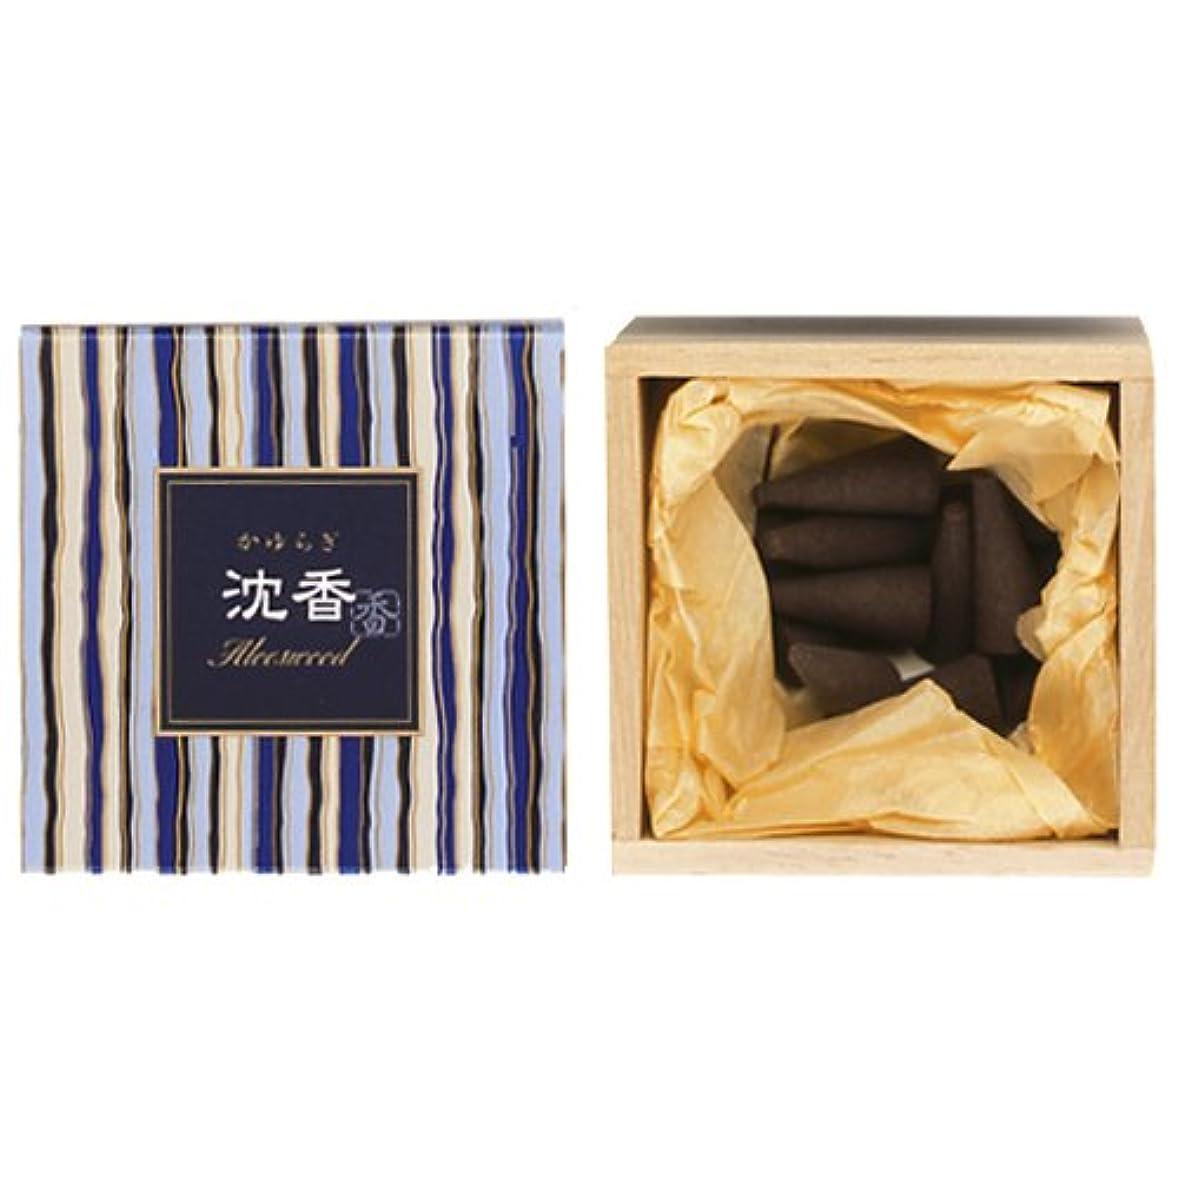 海外モルヒネ罪日本香道  かゆらぎ 沈香 12個入り コーン形